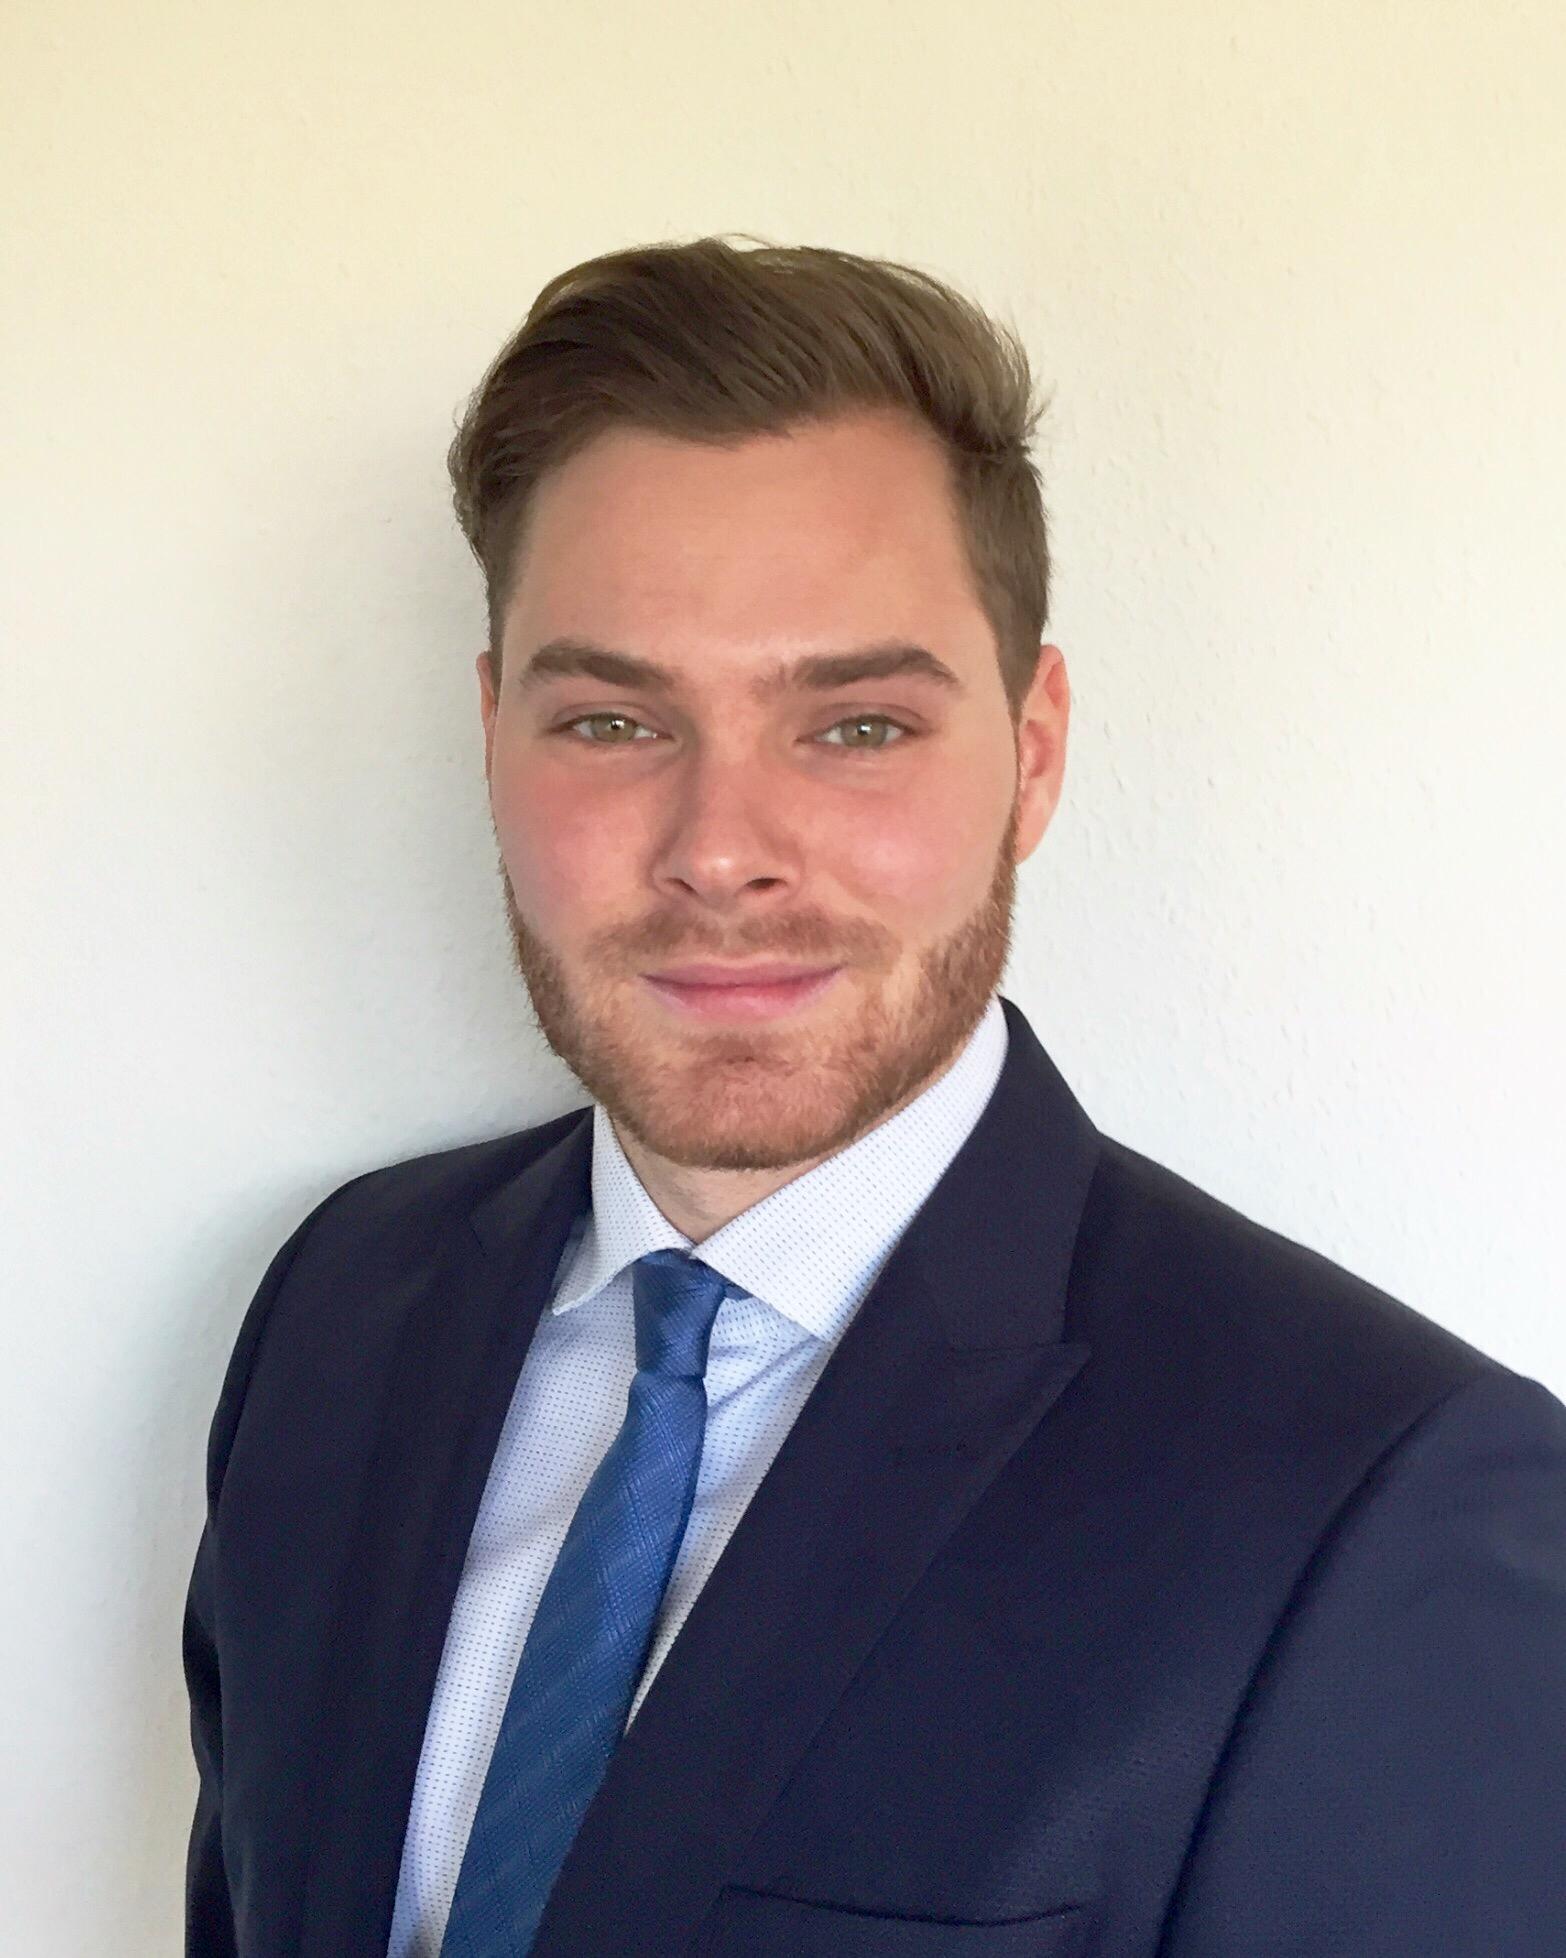 Eric jahnke ist neuer sales manager bei der zulieferfirma for Schneider katalog bestellen privat